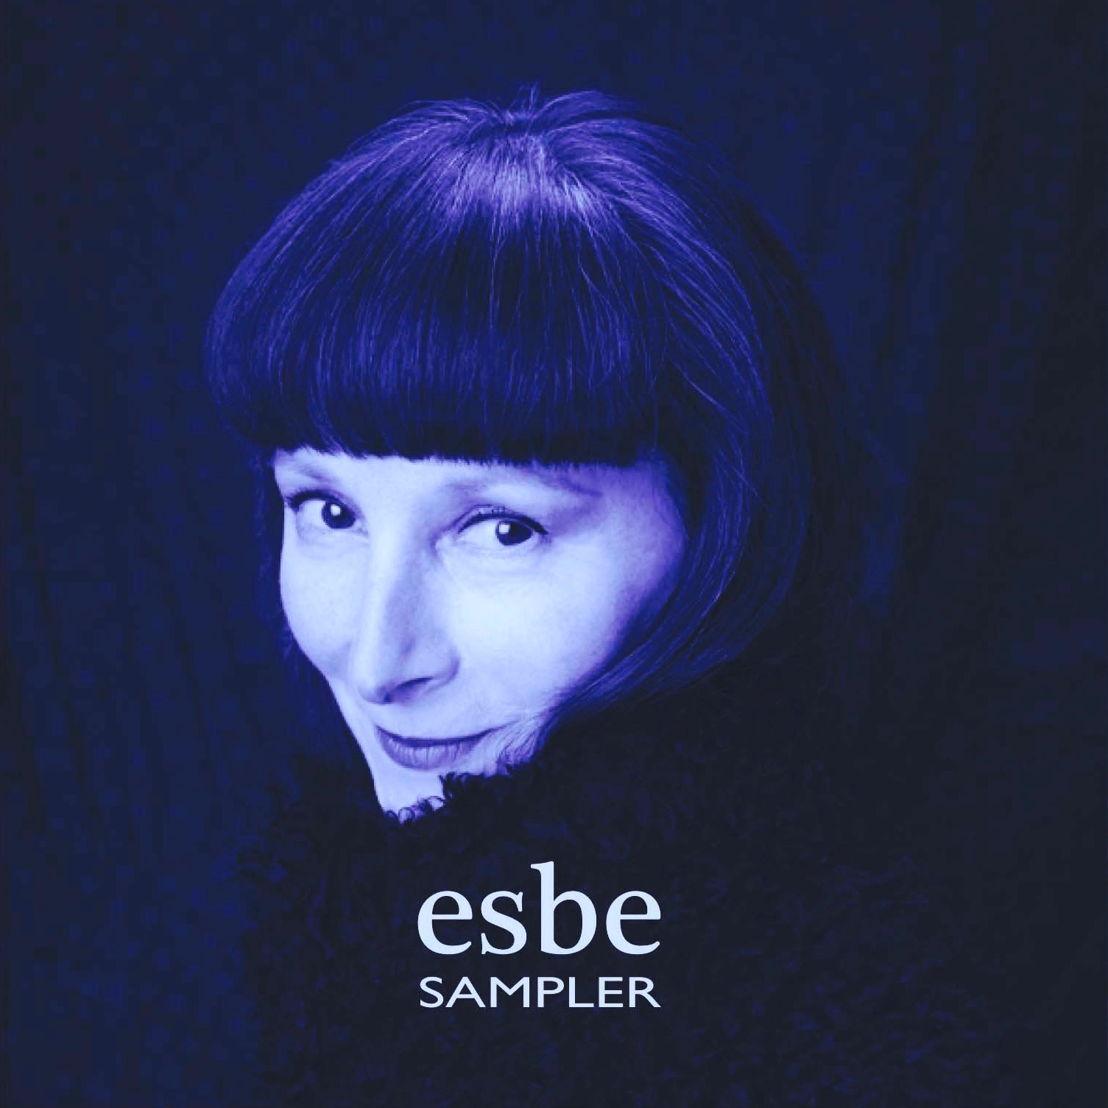 Esbe - Sampler EP (TBA)